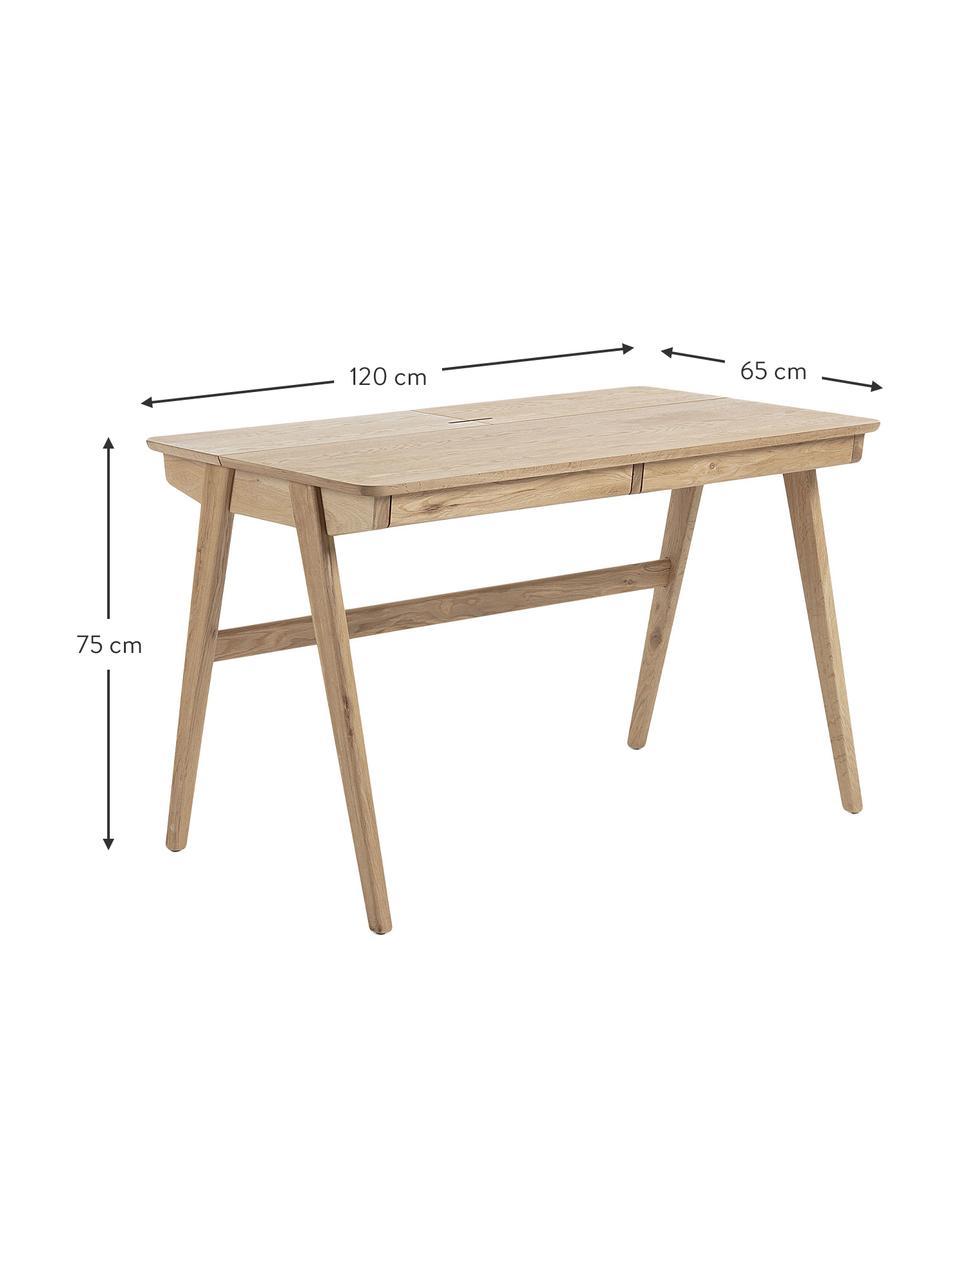 Holz-Schreibtisch Jacques mit Kabeldurchlass, Beine: Echenholz, massiv, Braun, 120 x 75 cm